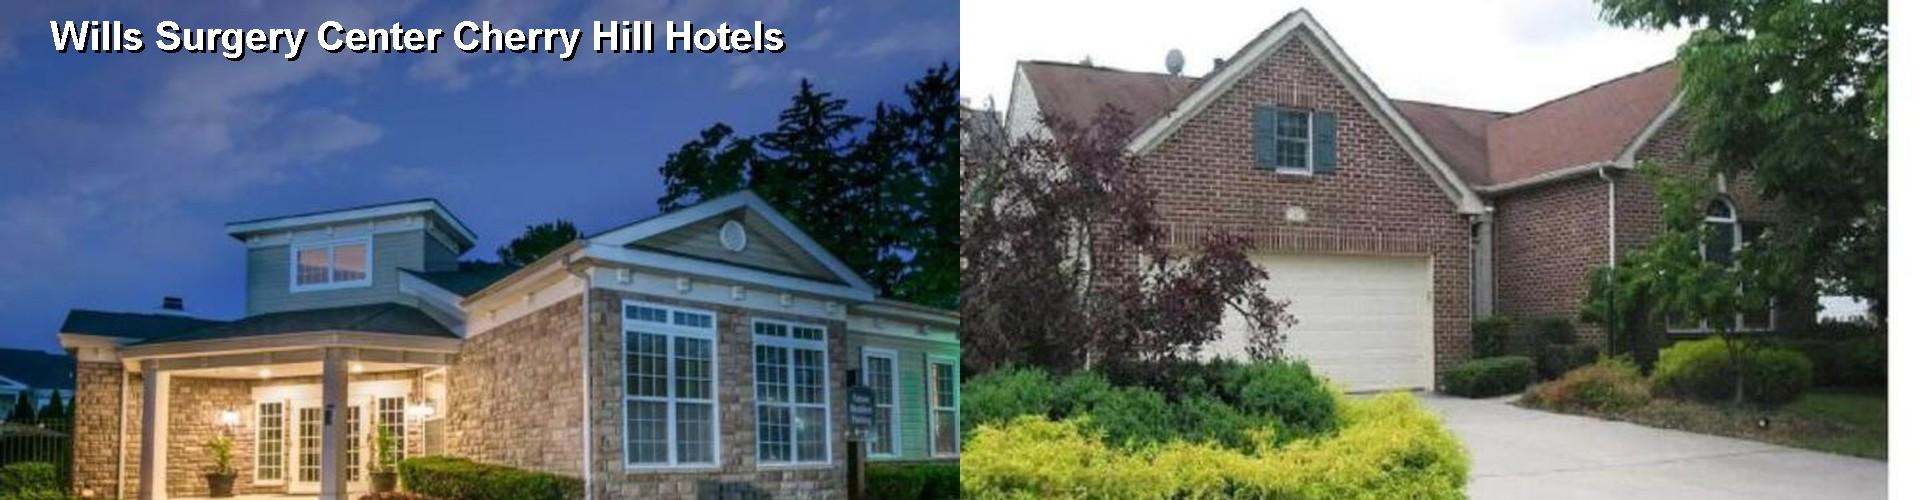 $46+ FINEST Hotels Near Wills Surgery Center Cherry Hill (NJ)